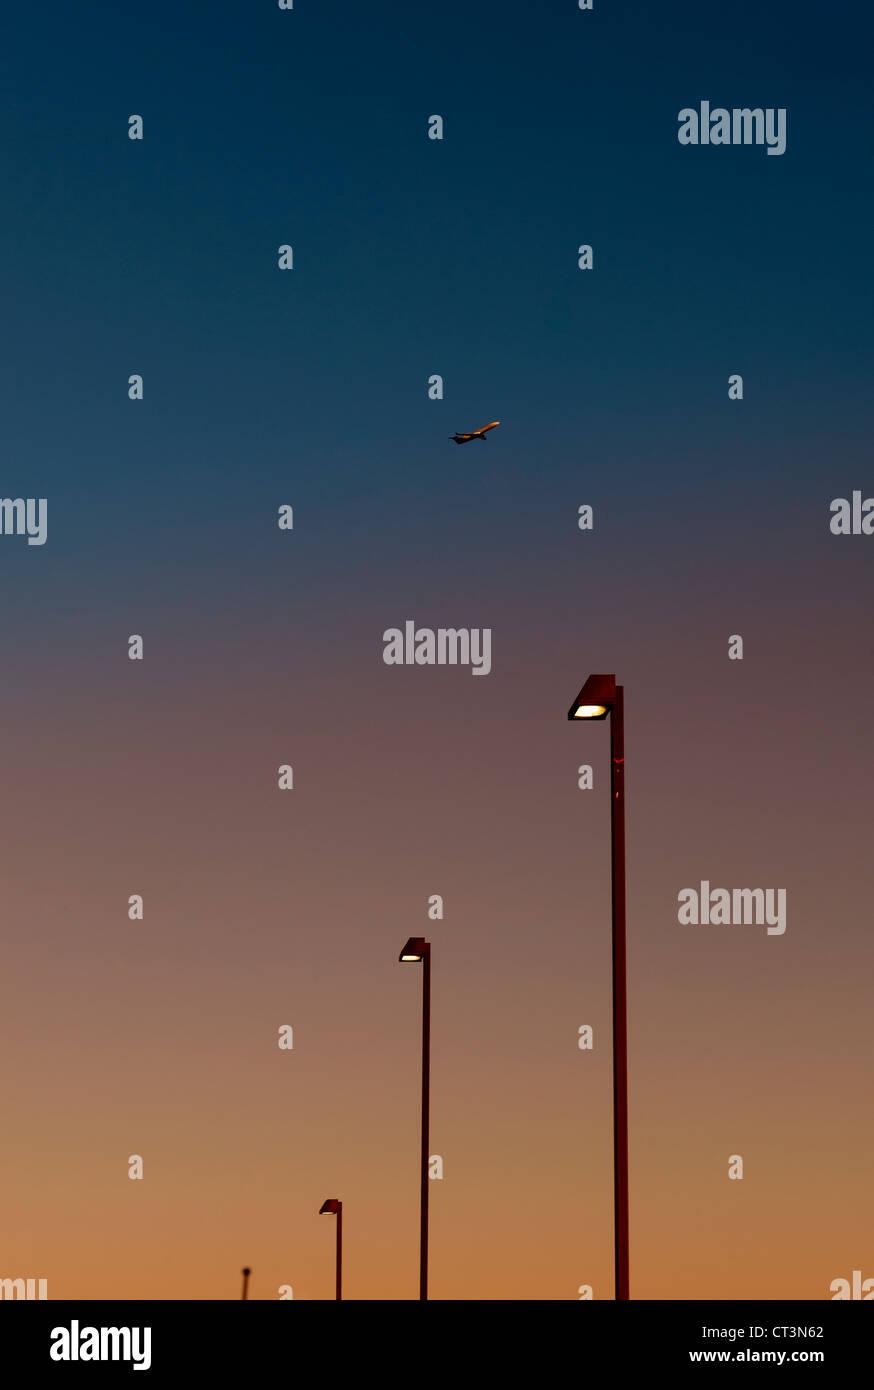 Aeroplano sopra le luci di strada al tramonto Foto Stock